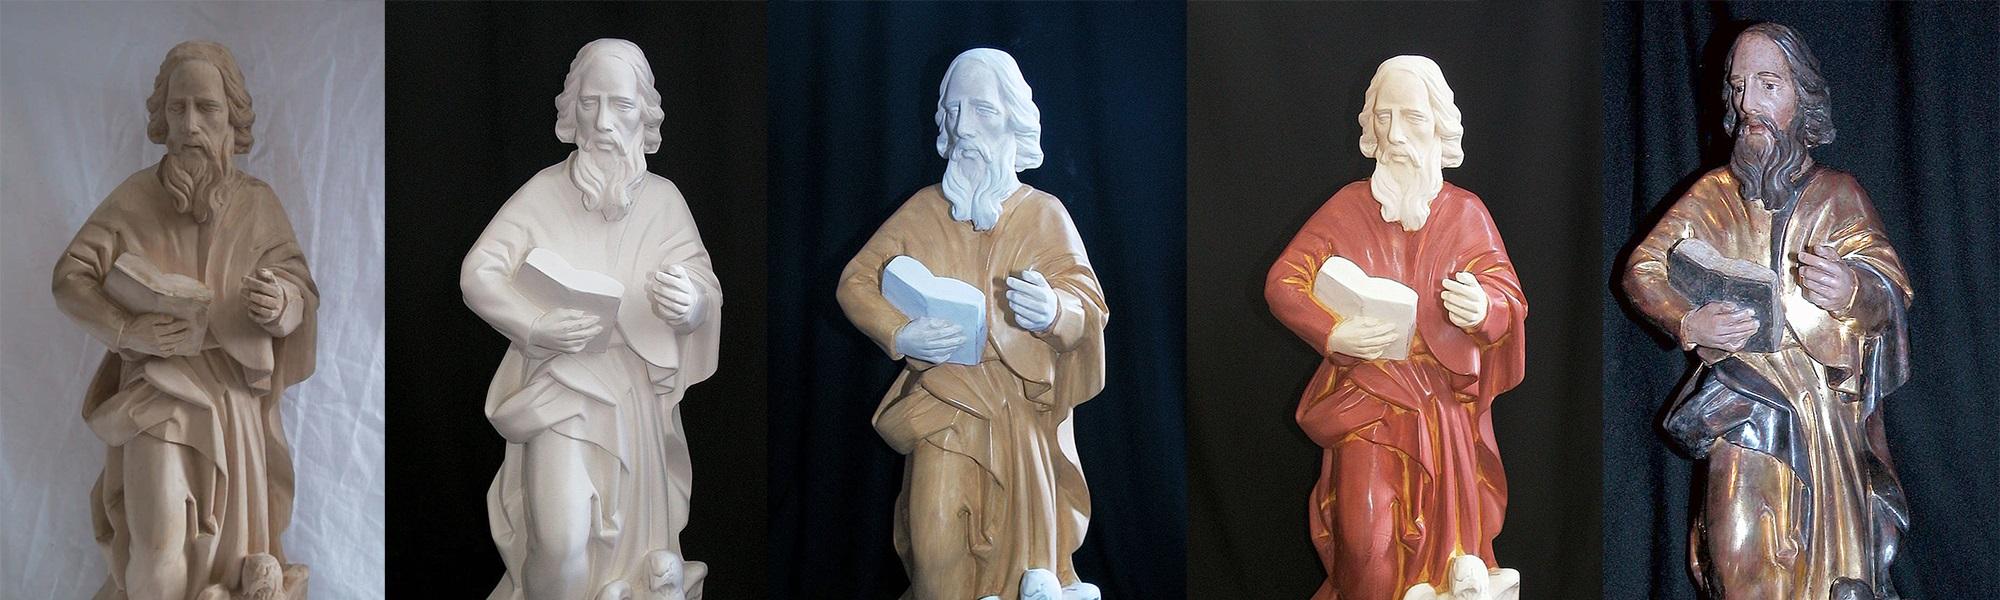 Rekonstruktion monochrom und polychrom gefasster historischer Objekte